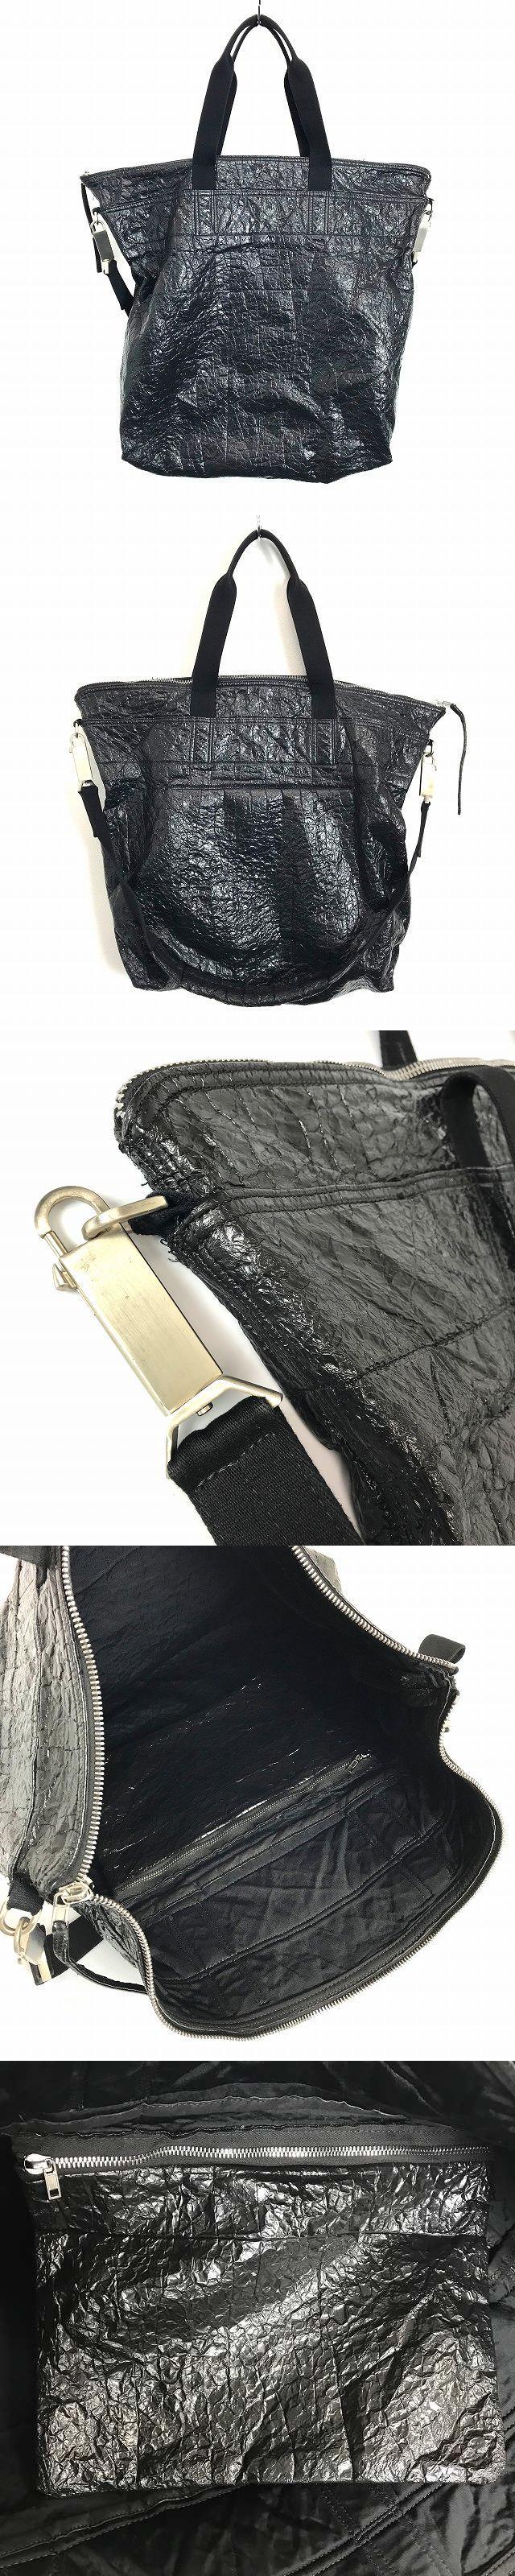 レザー 2WAY ハンドバッグ ショルダーバッグ オーバーサイズ 牛革 黒 ブラック